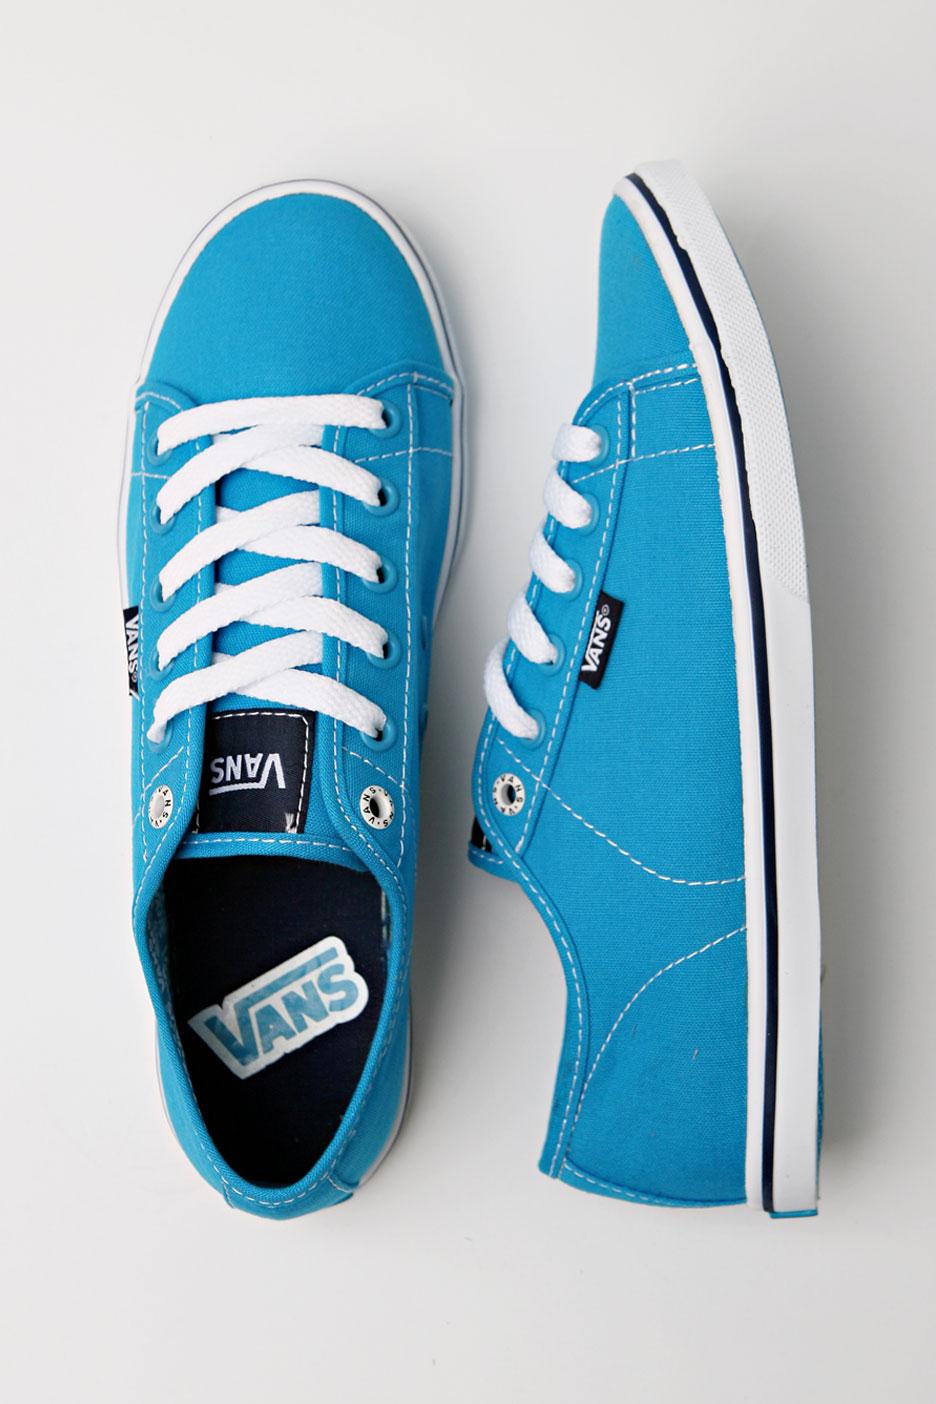 Vans For Girls Blue